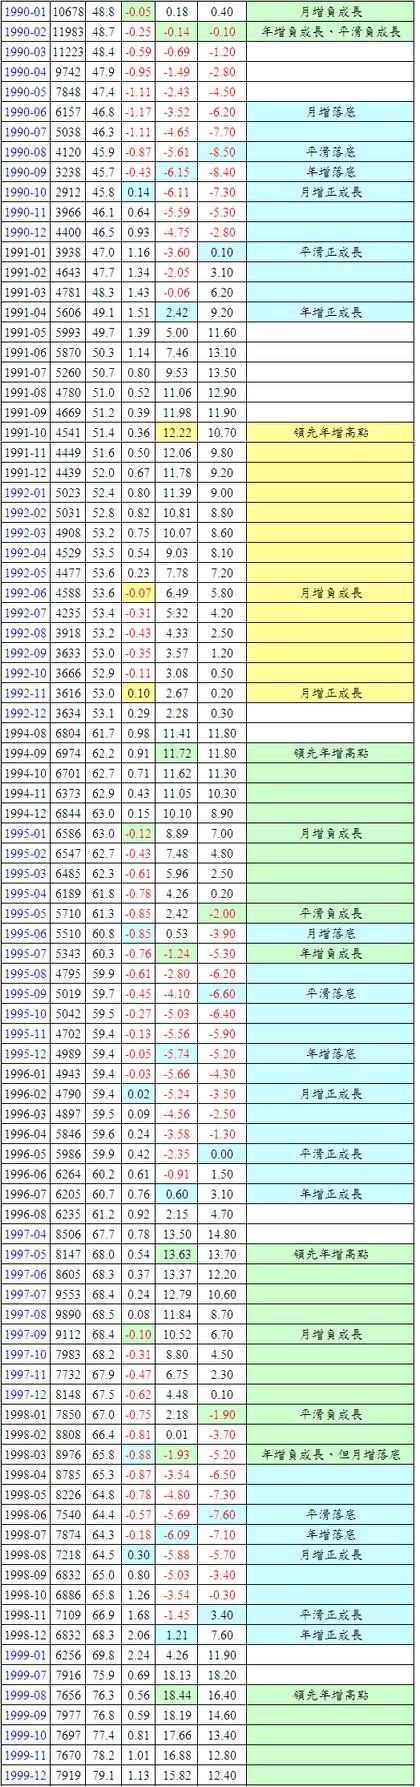 景氣領先指標與台股指數(1990~1992)